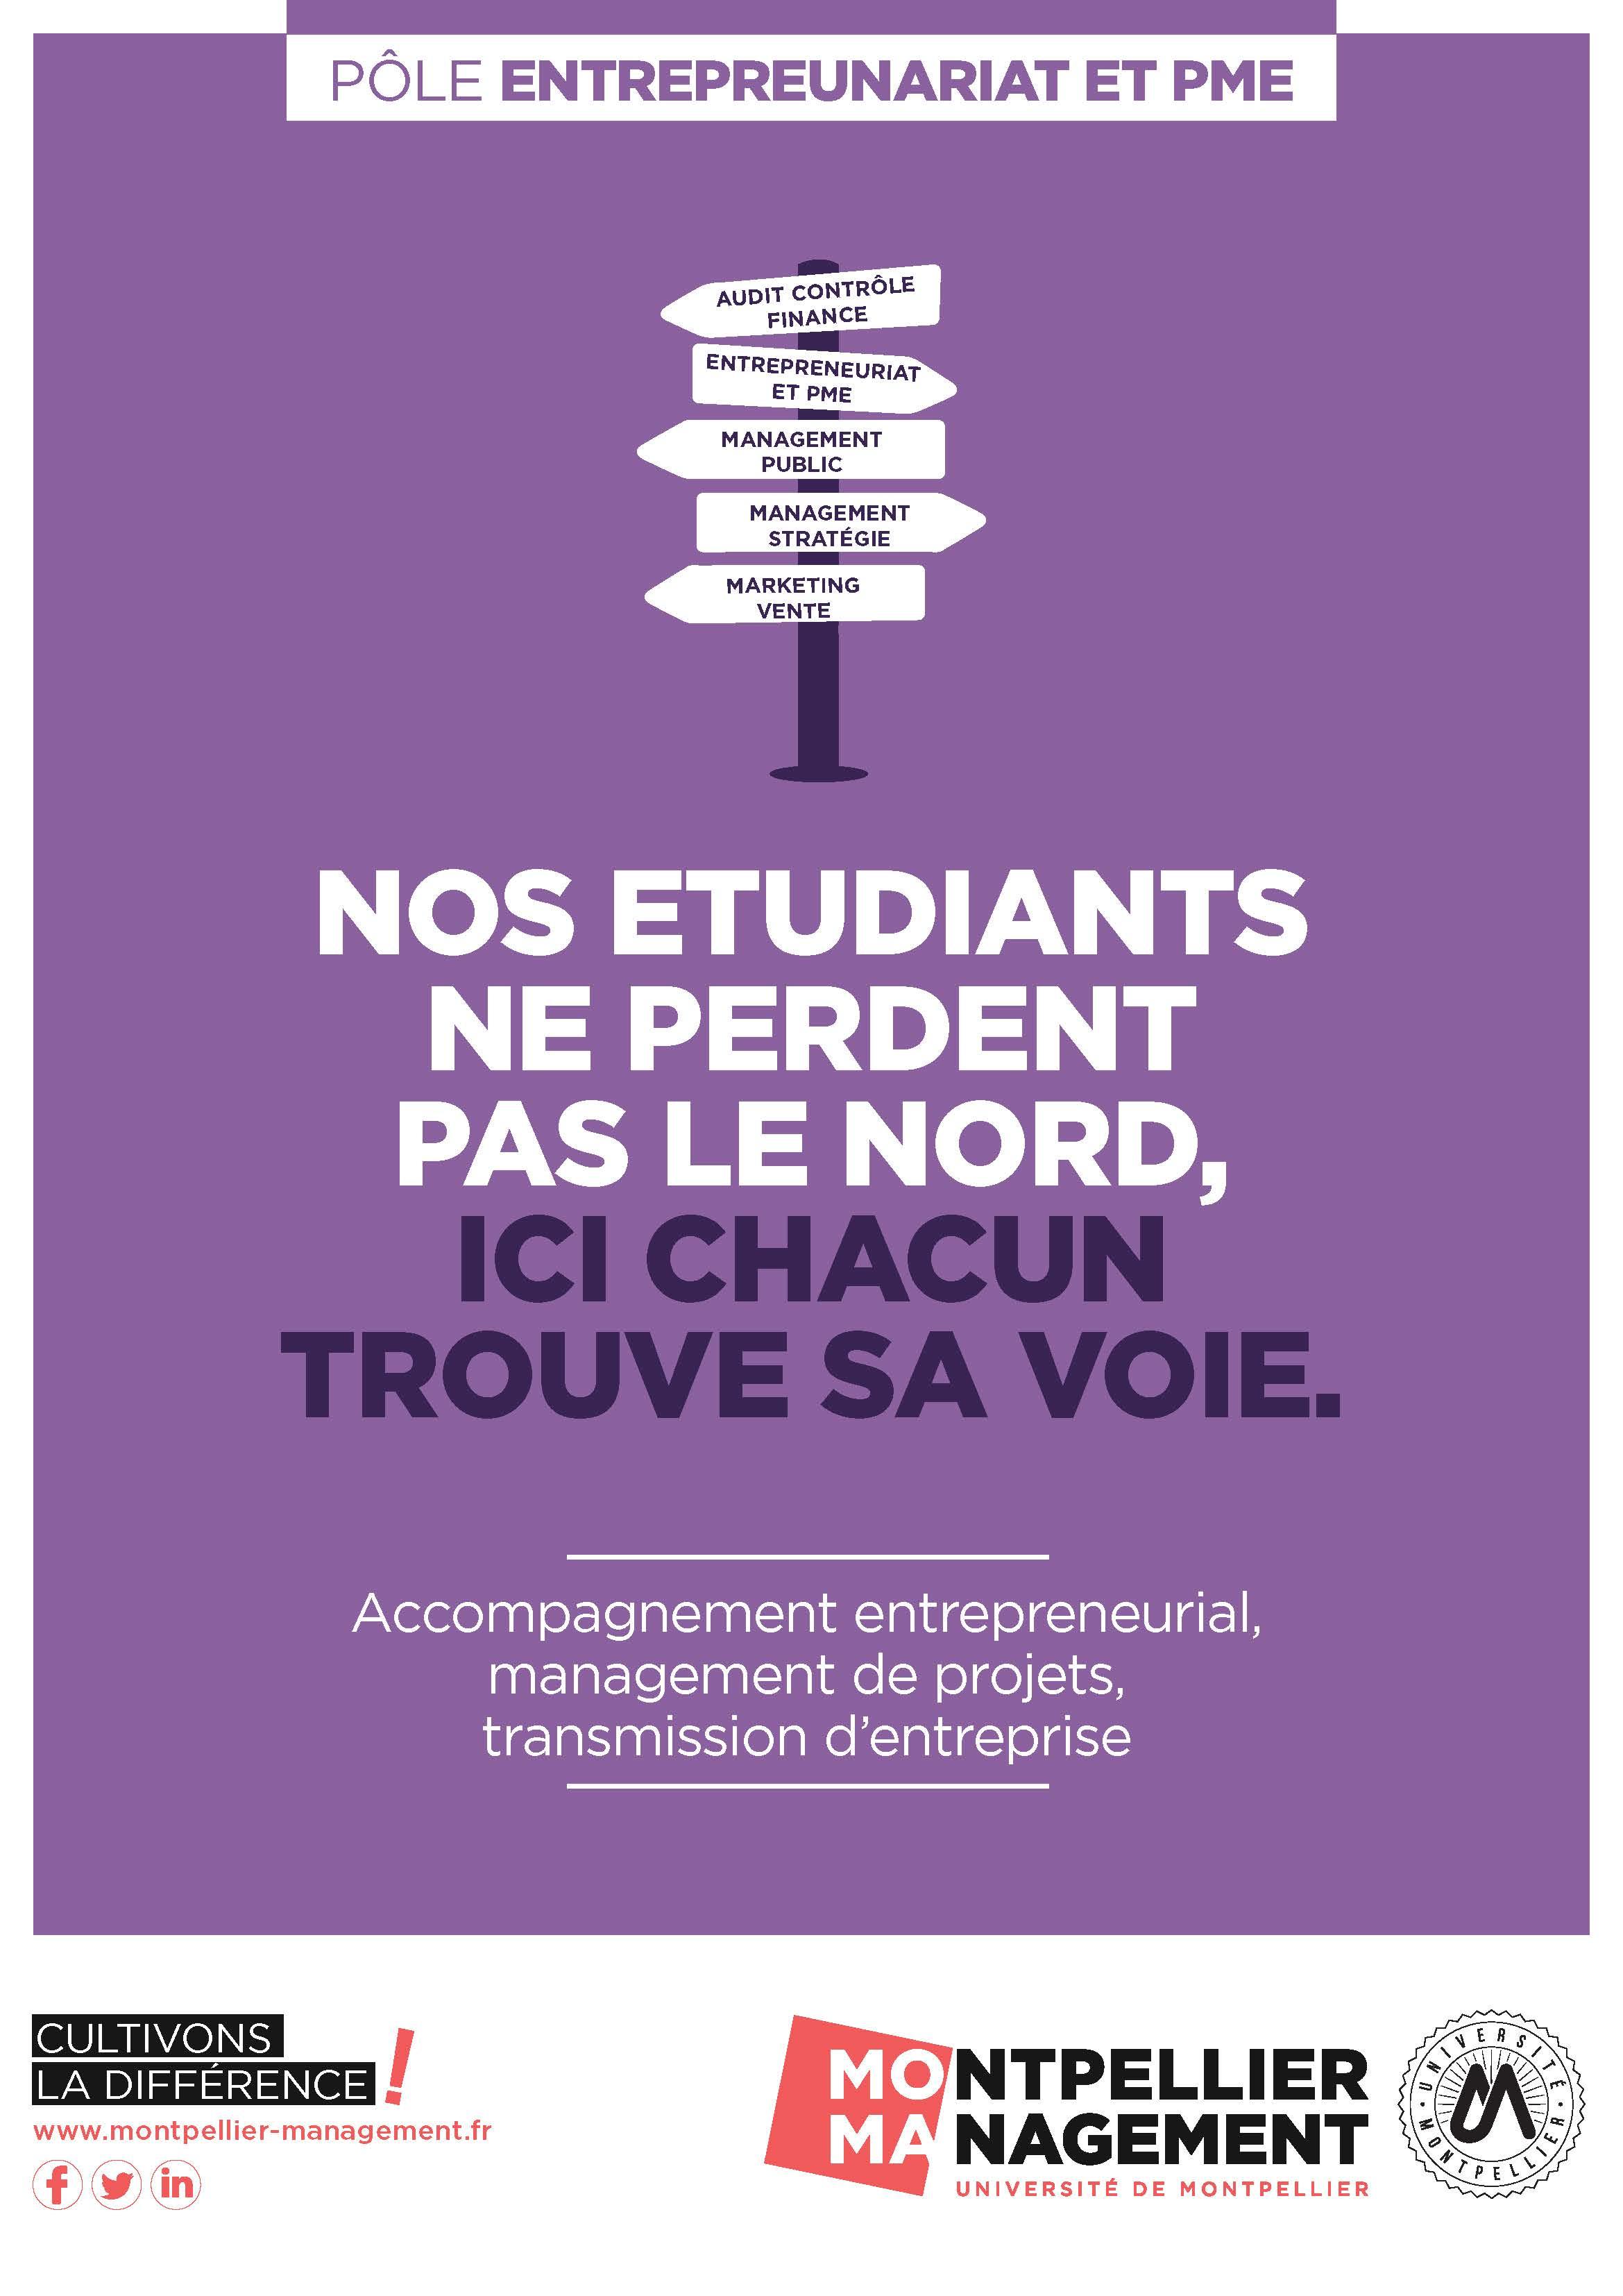 Pole Entrepreneuriat et PME - Montpellier Management